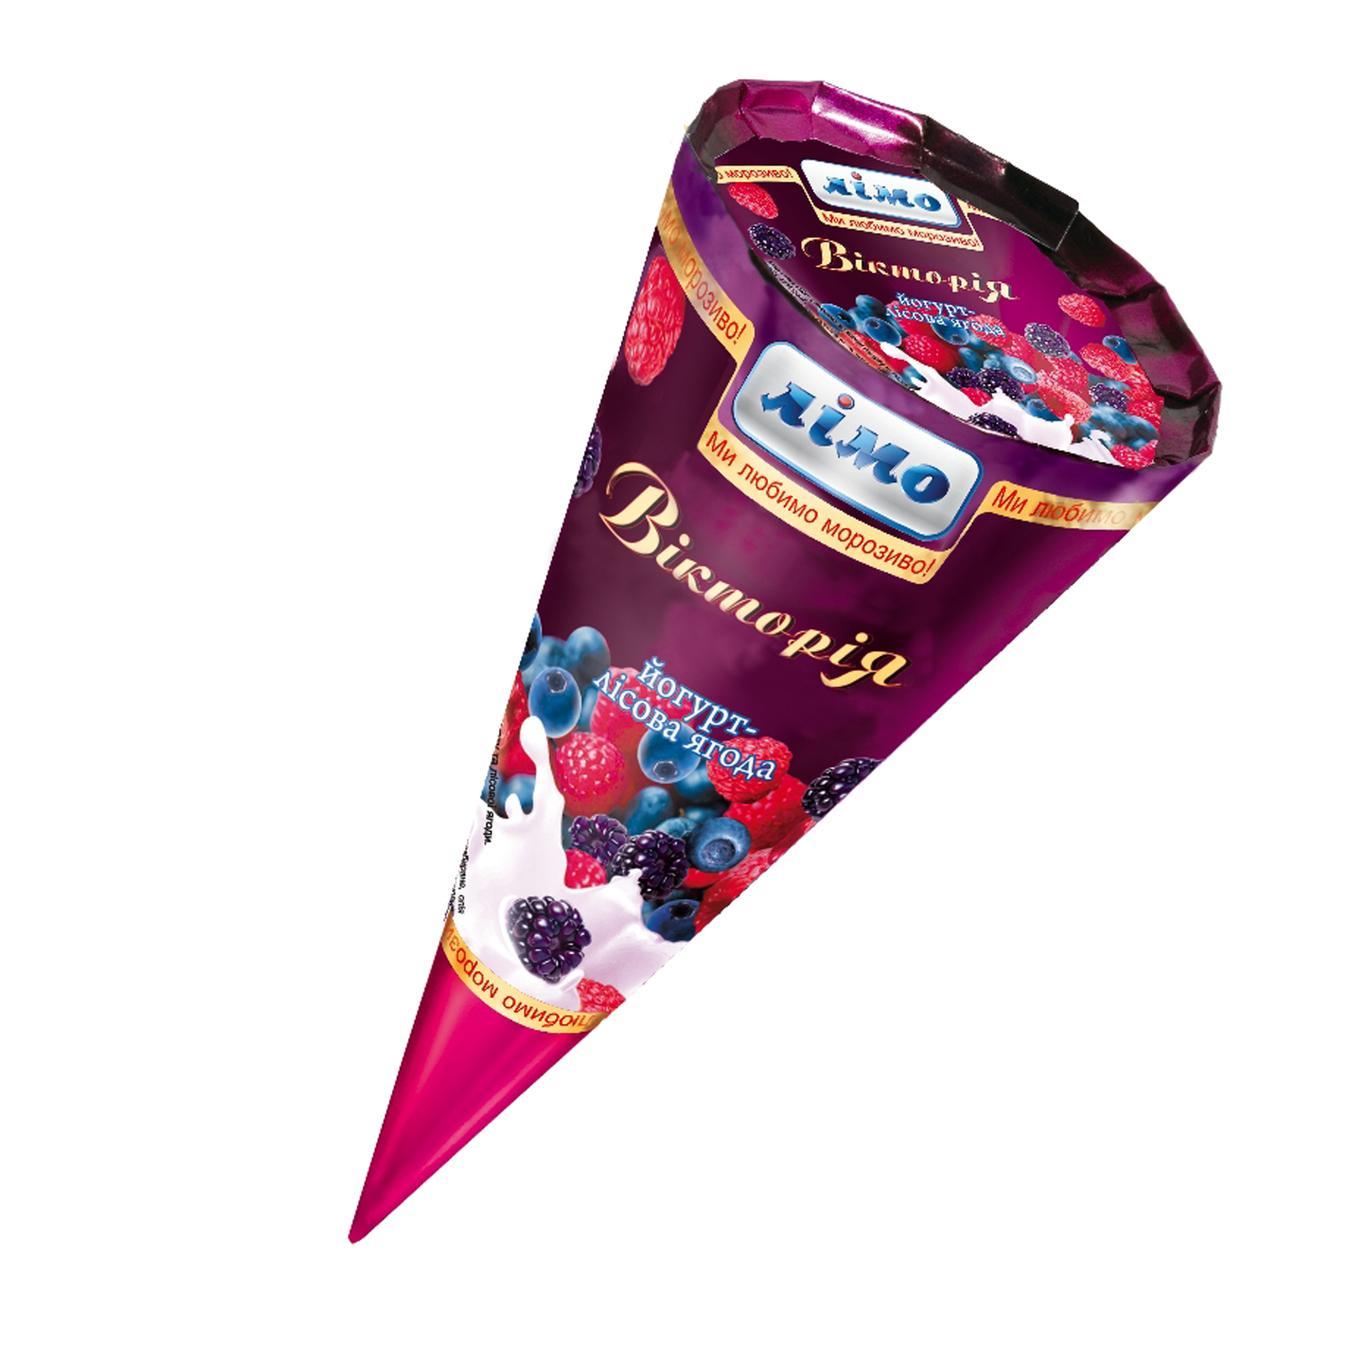 Мороженое Лимо Виктория йогурт - лесная ягода 100г